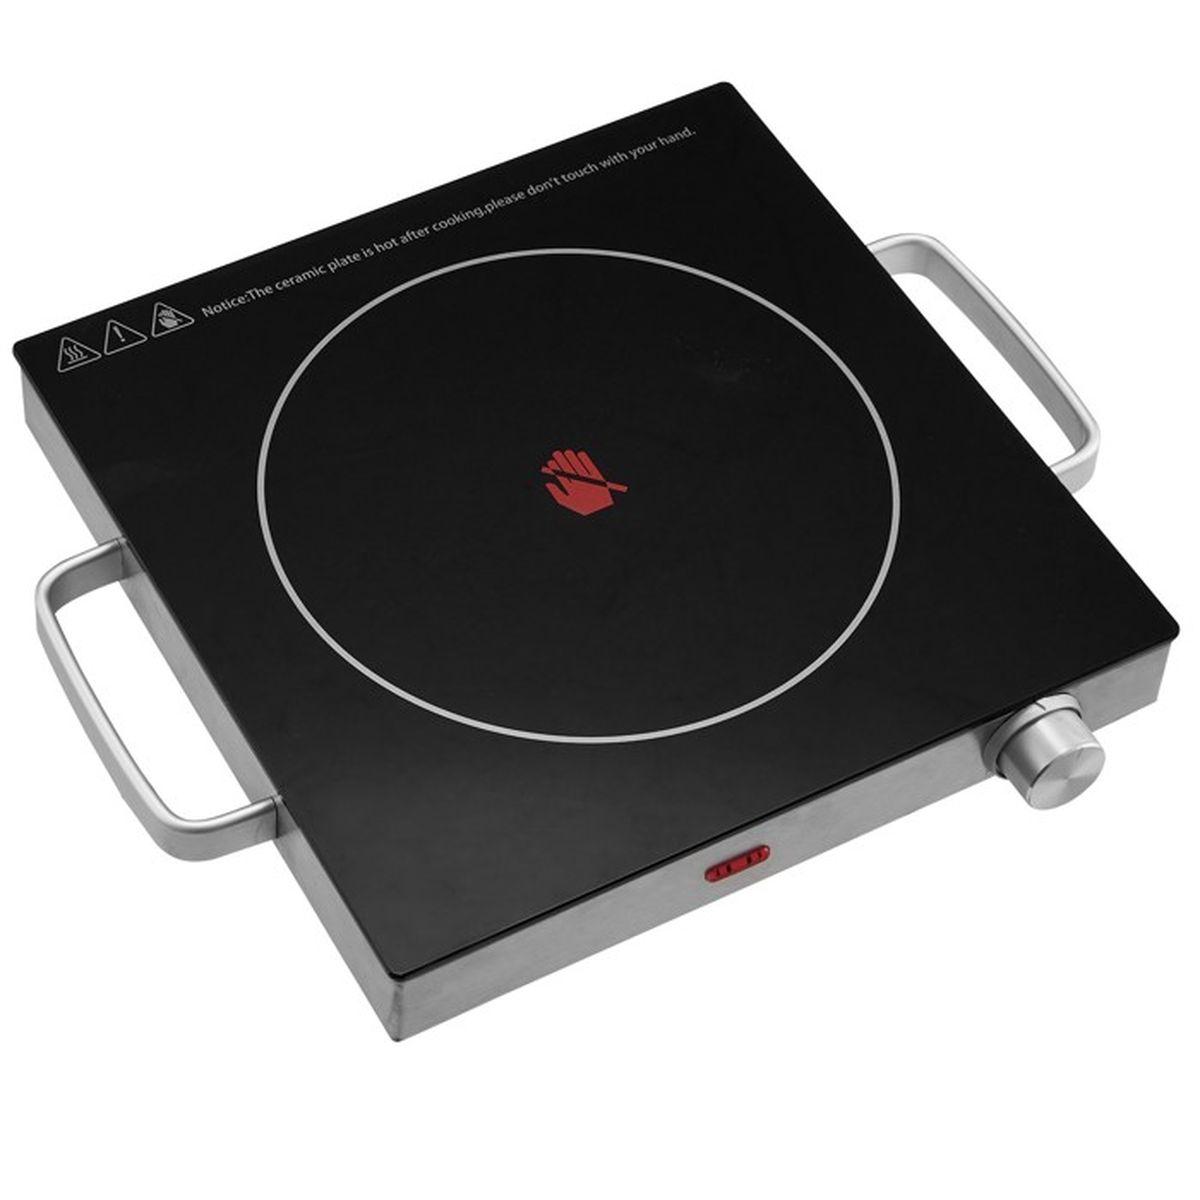 Plaque de Cuisson - Portable, Infrarouge, 7 W, Ø 7 cm, Acier Inoxydable  et Vitrocéramique - Plaque Chauffante Électrique